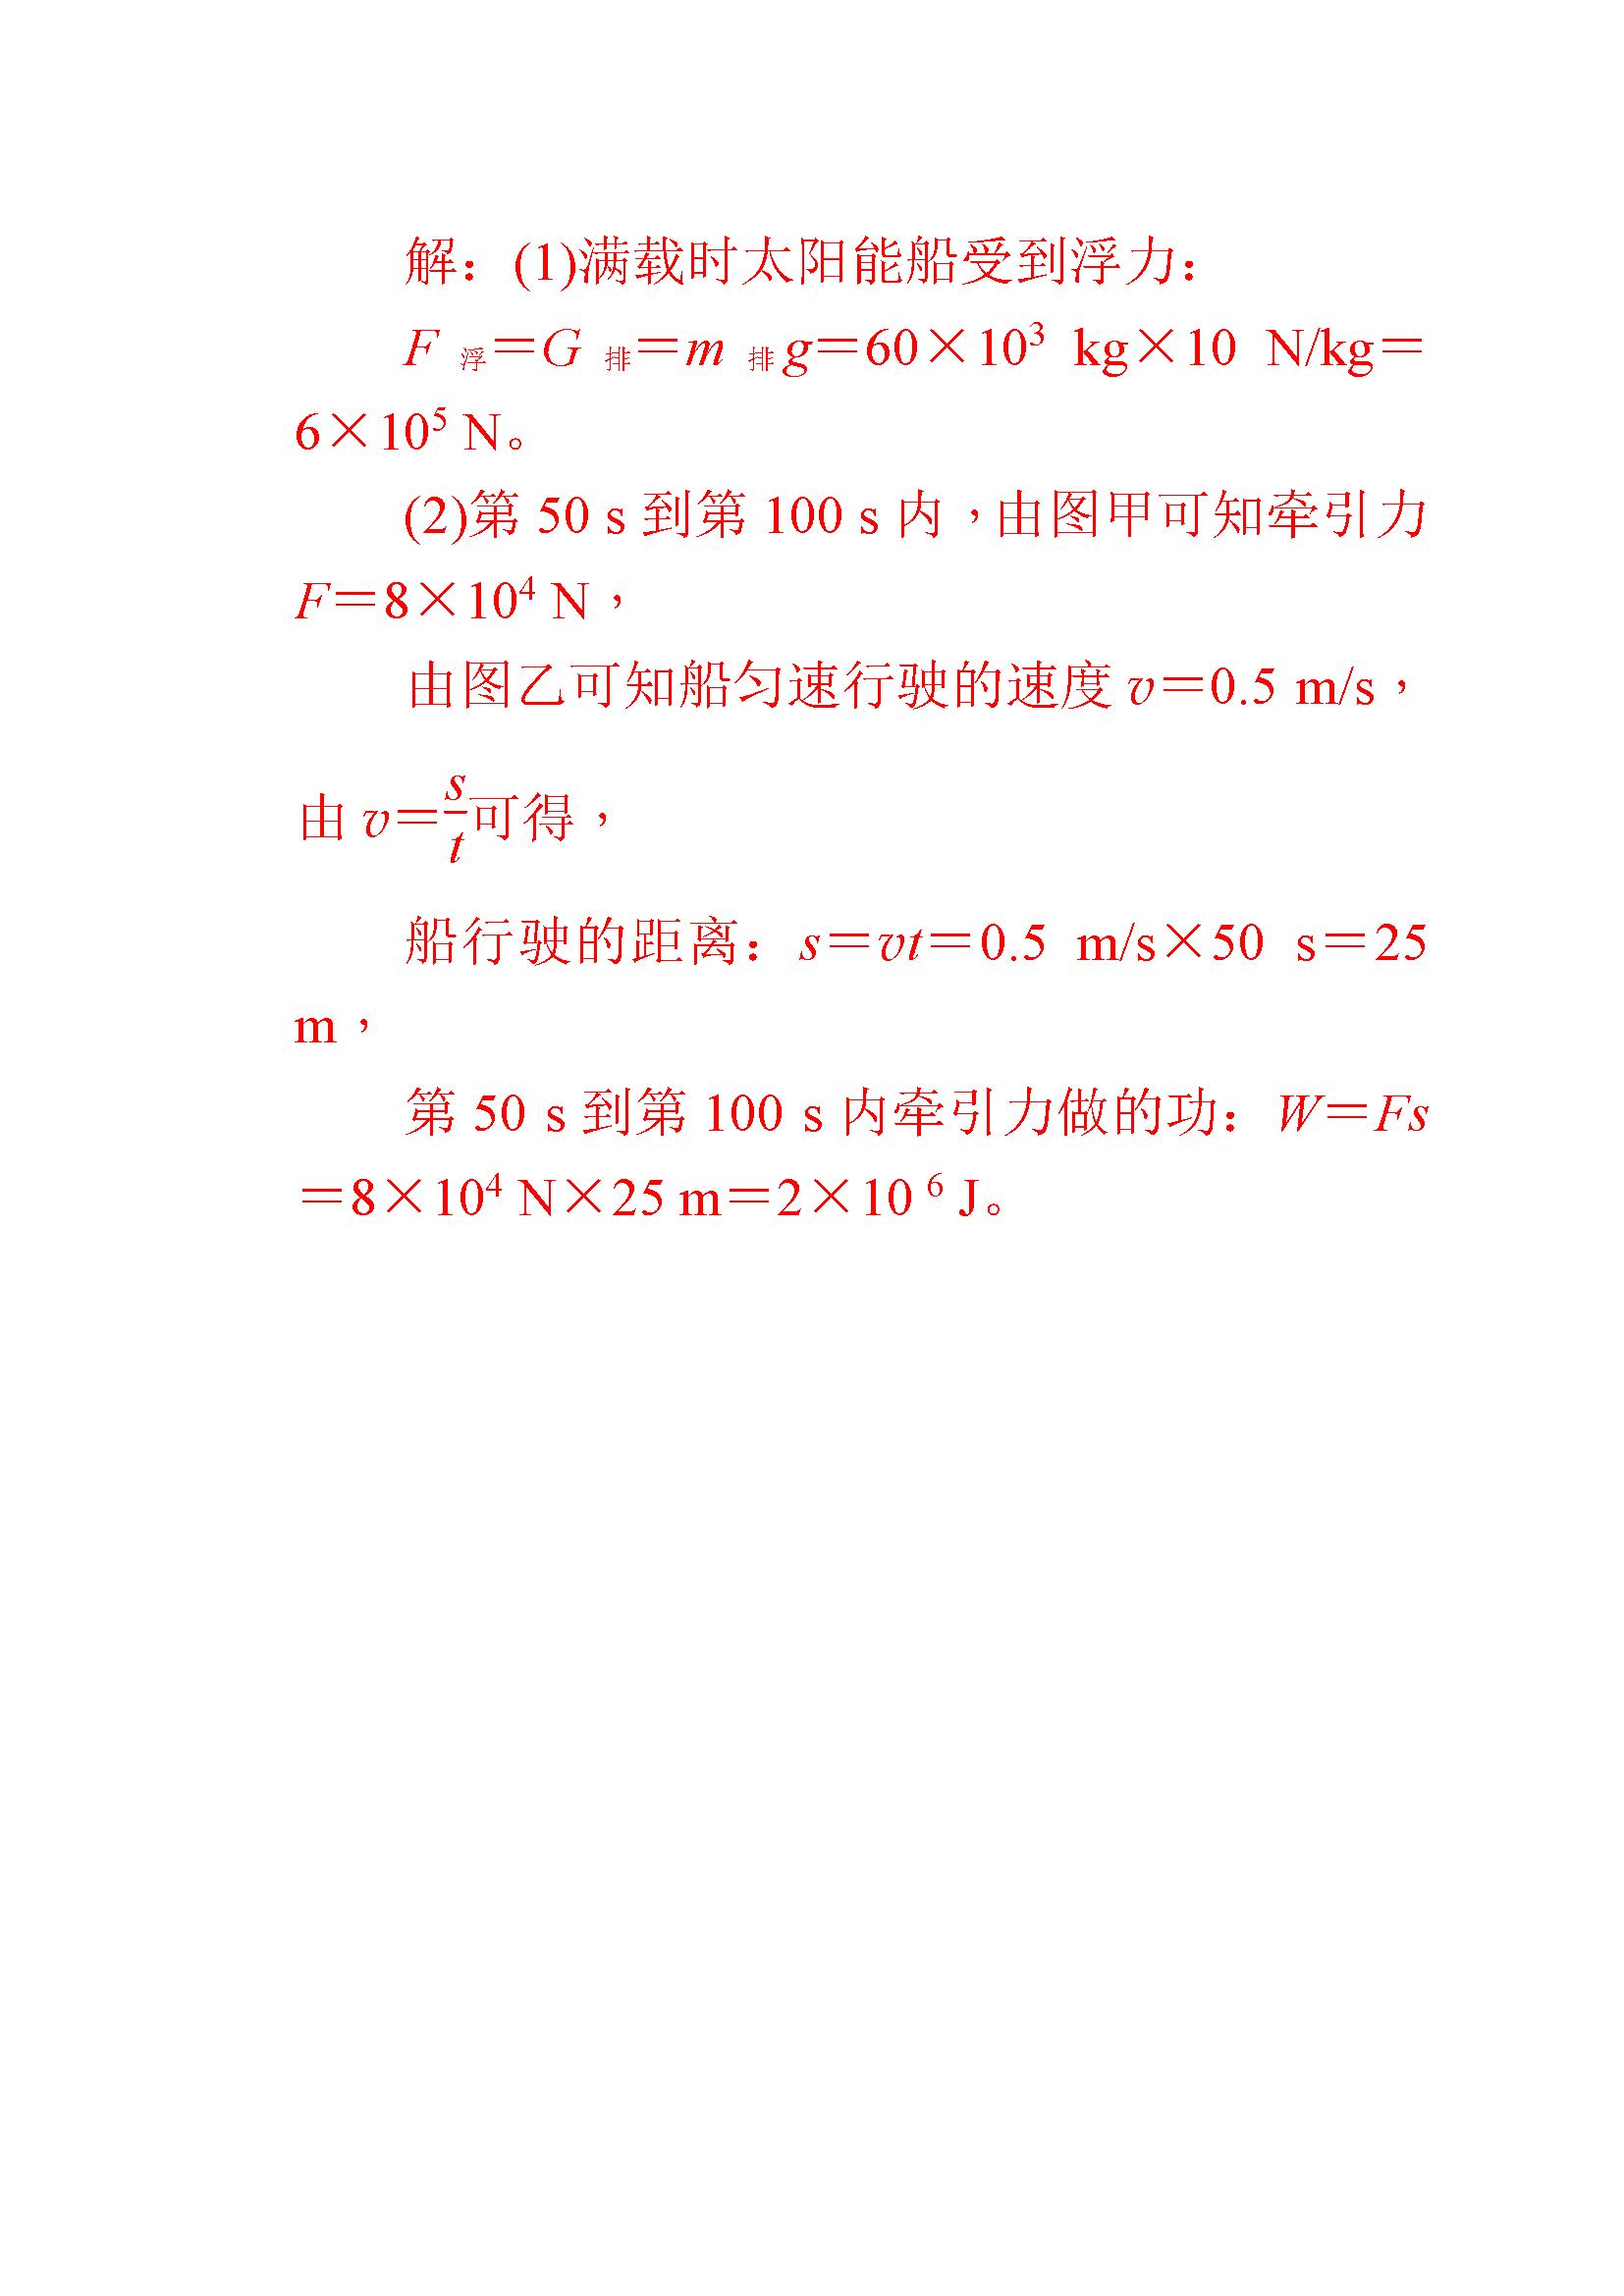 2018中考物理力学综合计算压轴题练习(七)答案(图片版)